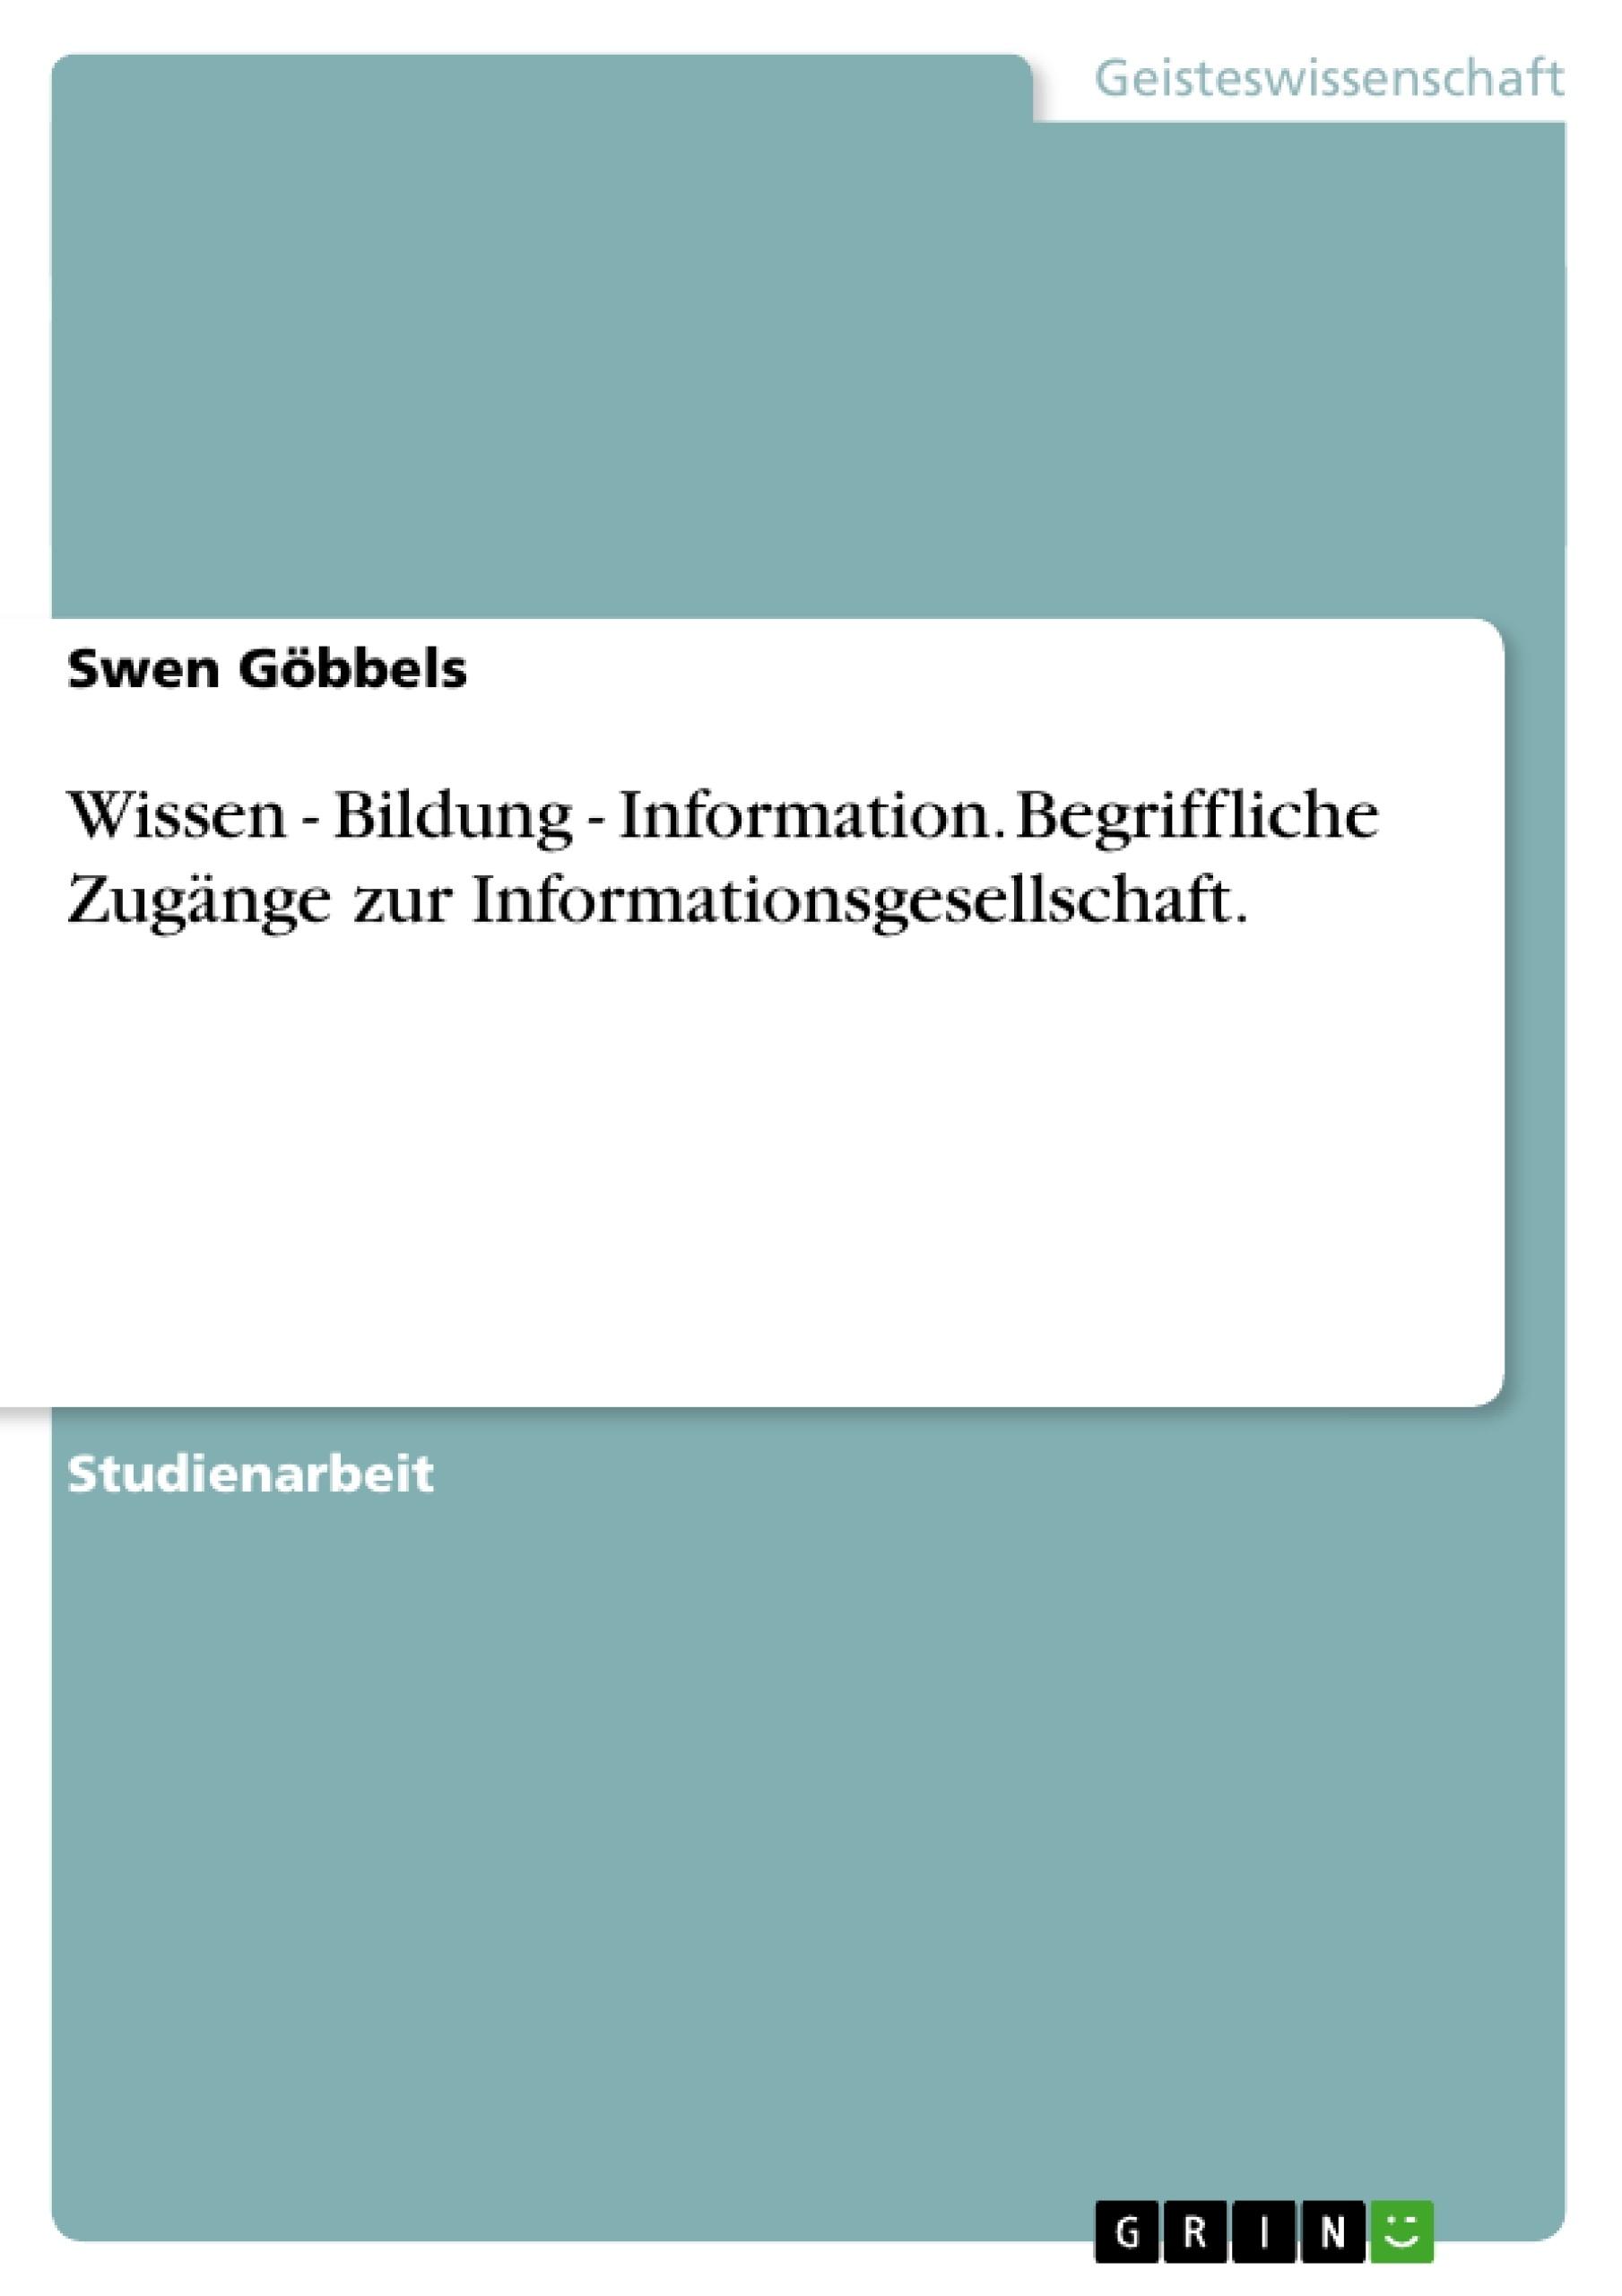 Titel: Wissen - Bildung - Information. Begriffliche Zugänge zur Informationsgesellschaft.